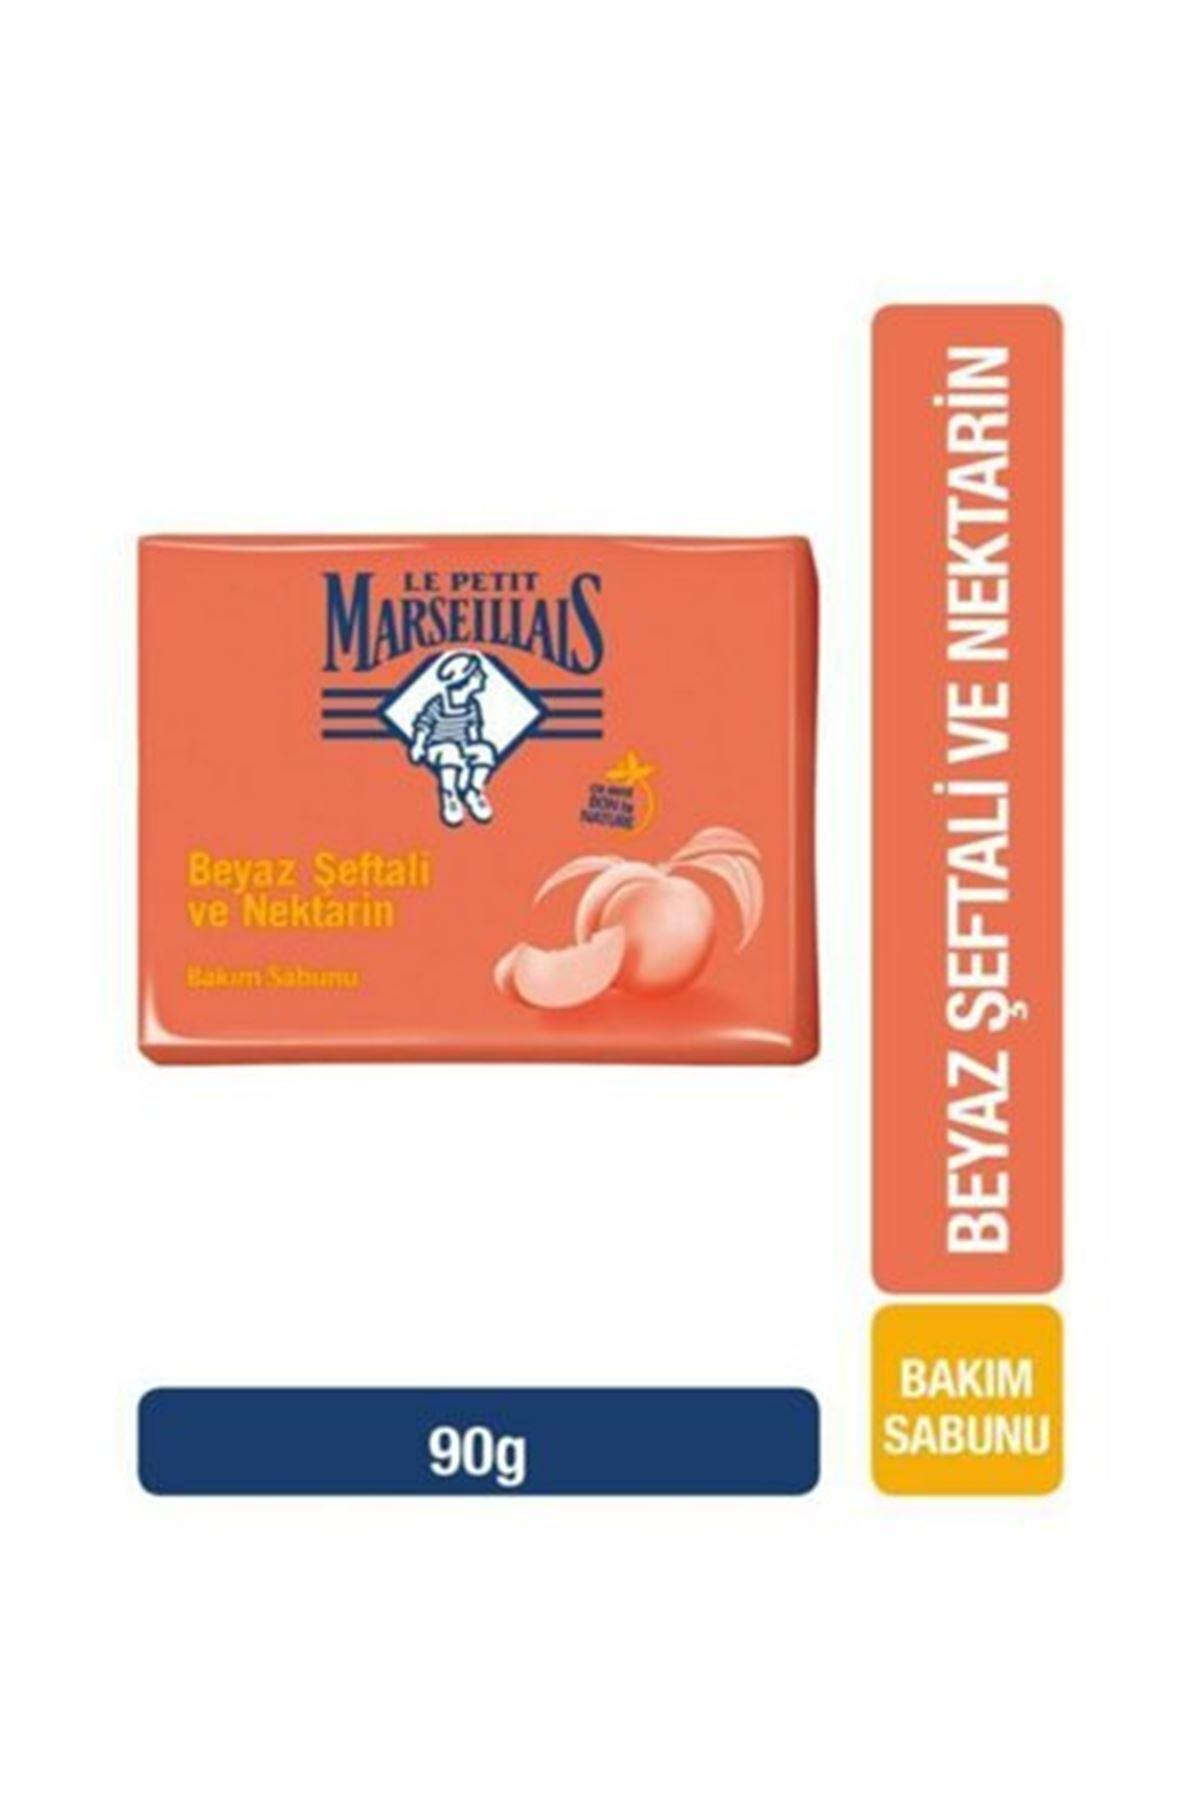 Le Petit Marseillais Beyaz Şeftali Ve Nektarin Bakım Sabunu 90 gr